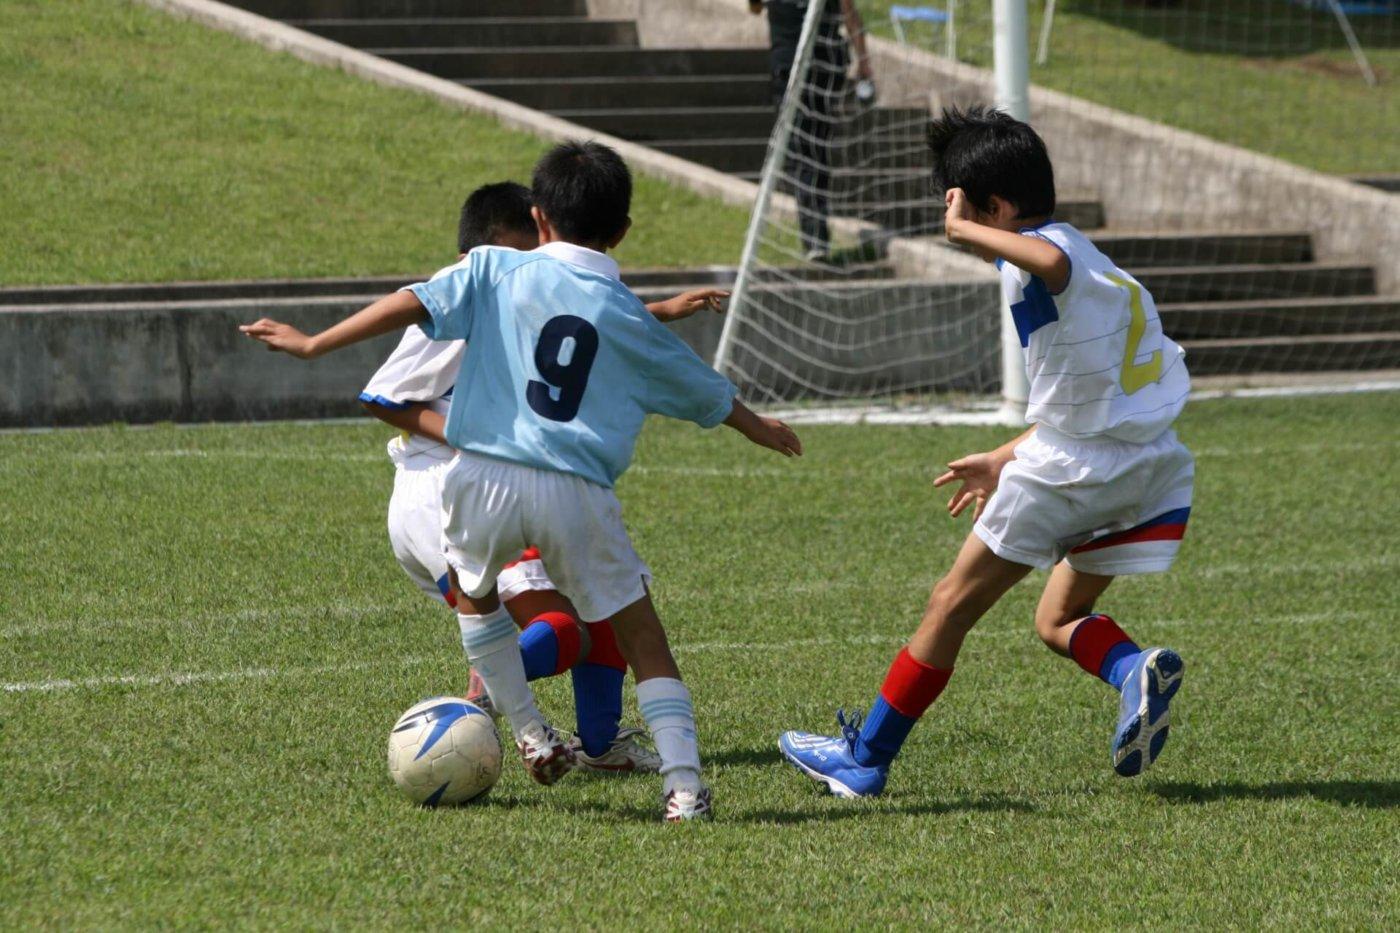 どうすればいい?子供のサッカー練習着の選び方